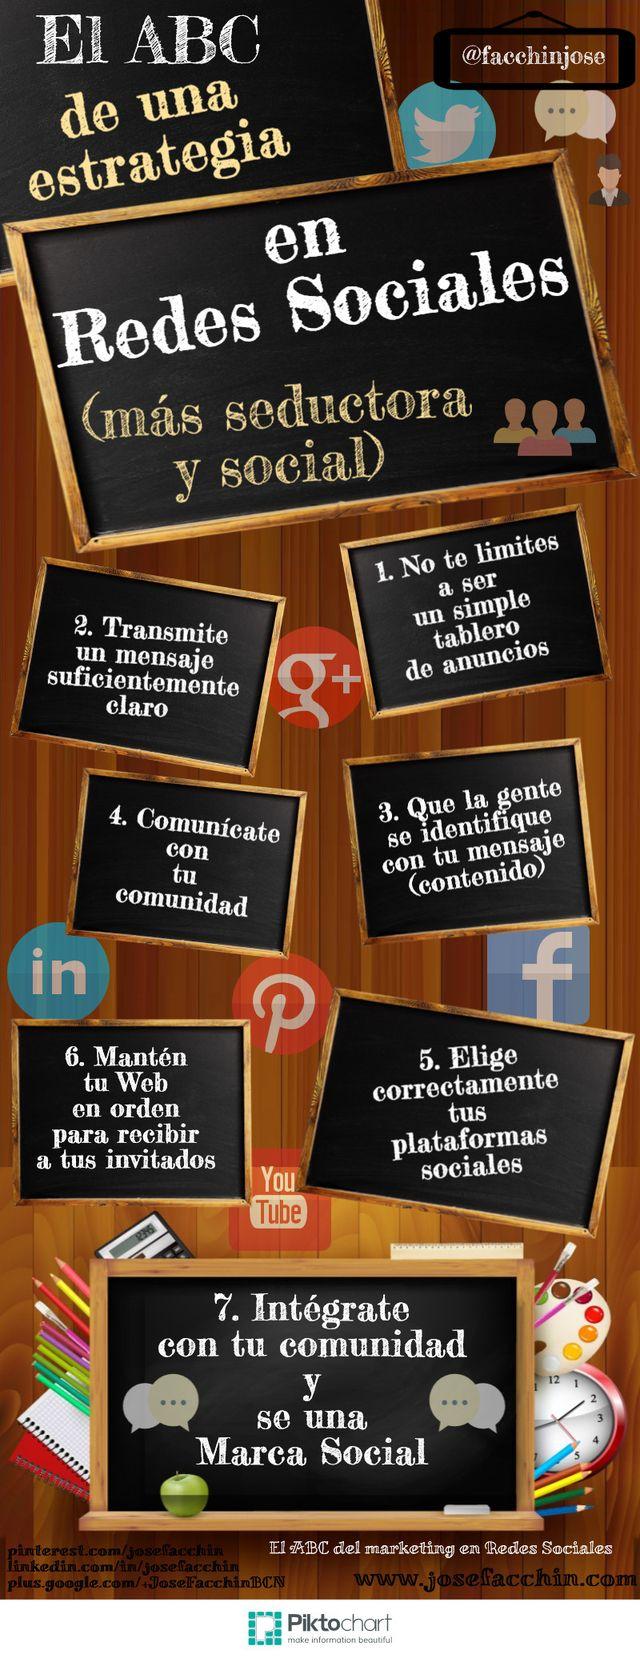 El ABC del marketing en las redes sociales (infografía)